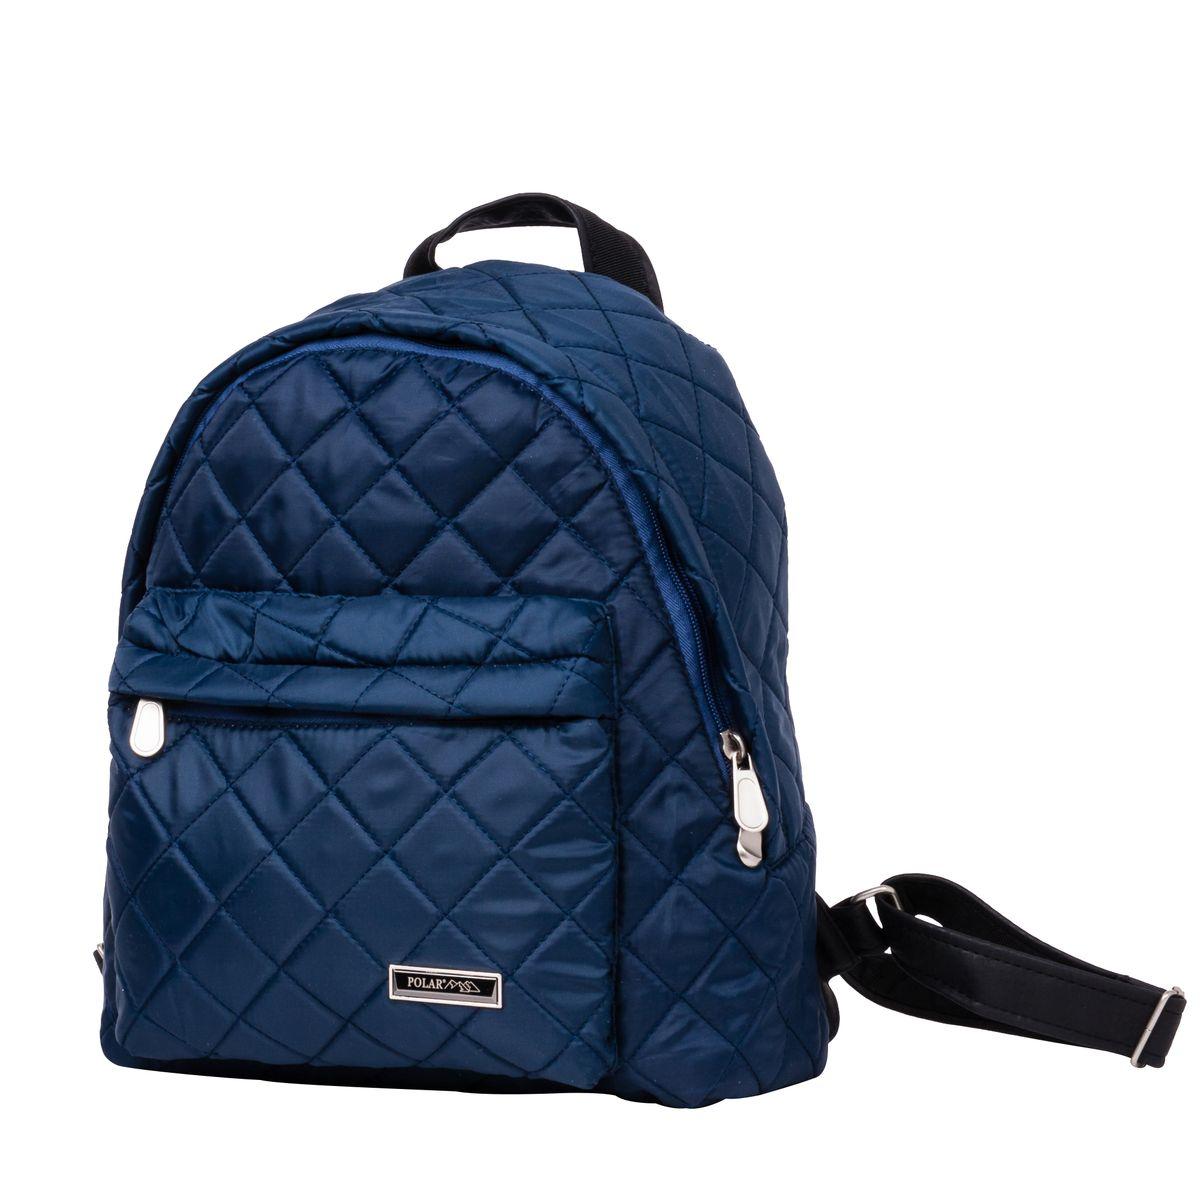 Рюкзак городской Polar, цвет: синий, 16 л. п7074-04п7074_04_синийНебольшой и очень удобный рюкзак Polar для повседневного использования. Внутри расположены два небольших открытых кармана и карман на молнии. Снаружи на передней стенке рюкзака вместительный накладной кармана на молнии. Рюкзак выполнен из стеганого материала, дно и лямки имеют вставки из экокожи. Сверху рюкзак имеет удобную ручку для переноски.